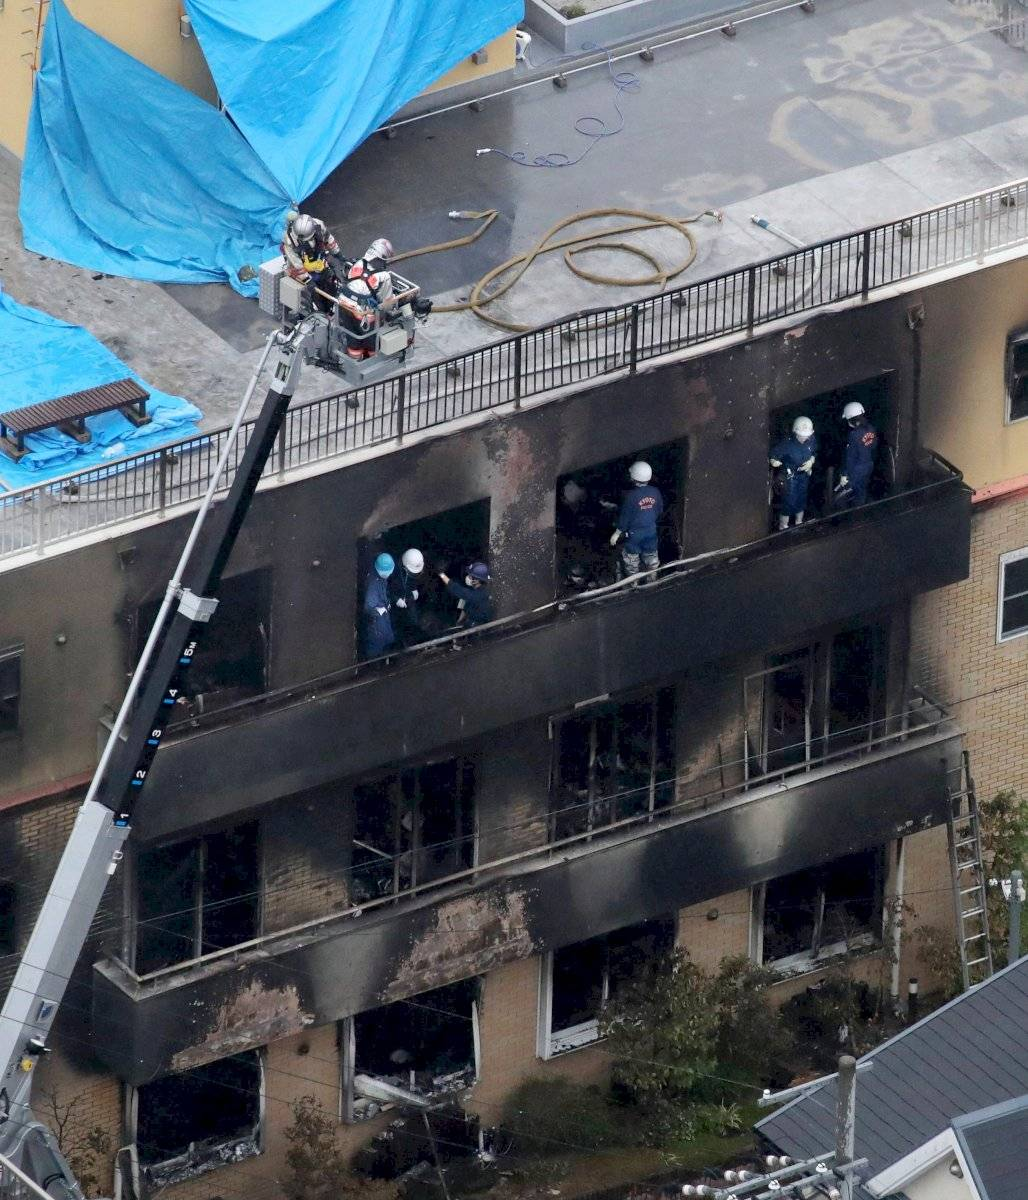 Asciende a 33 muertos y decenas de heridos por incendio provocado EFE